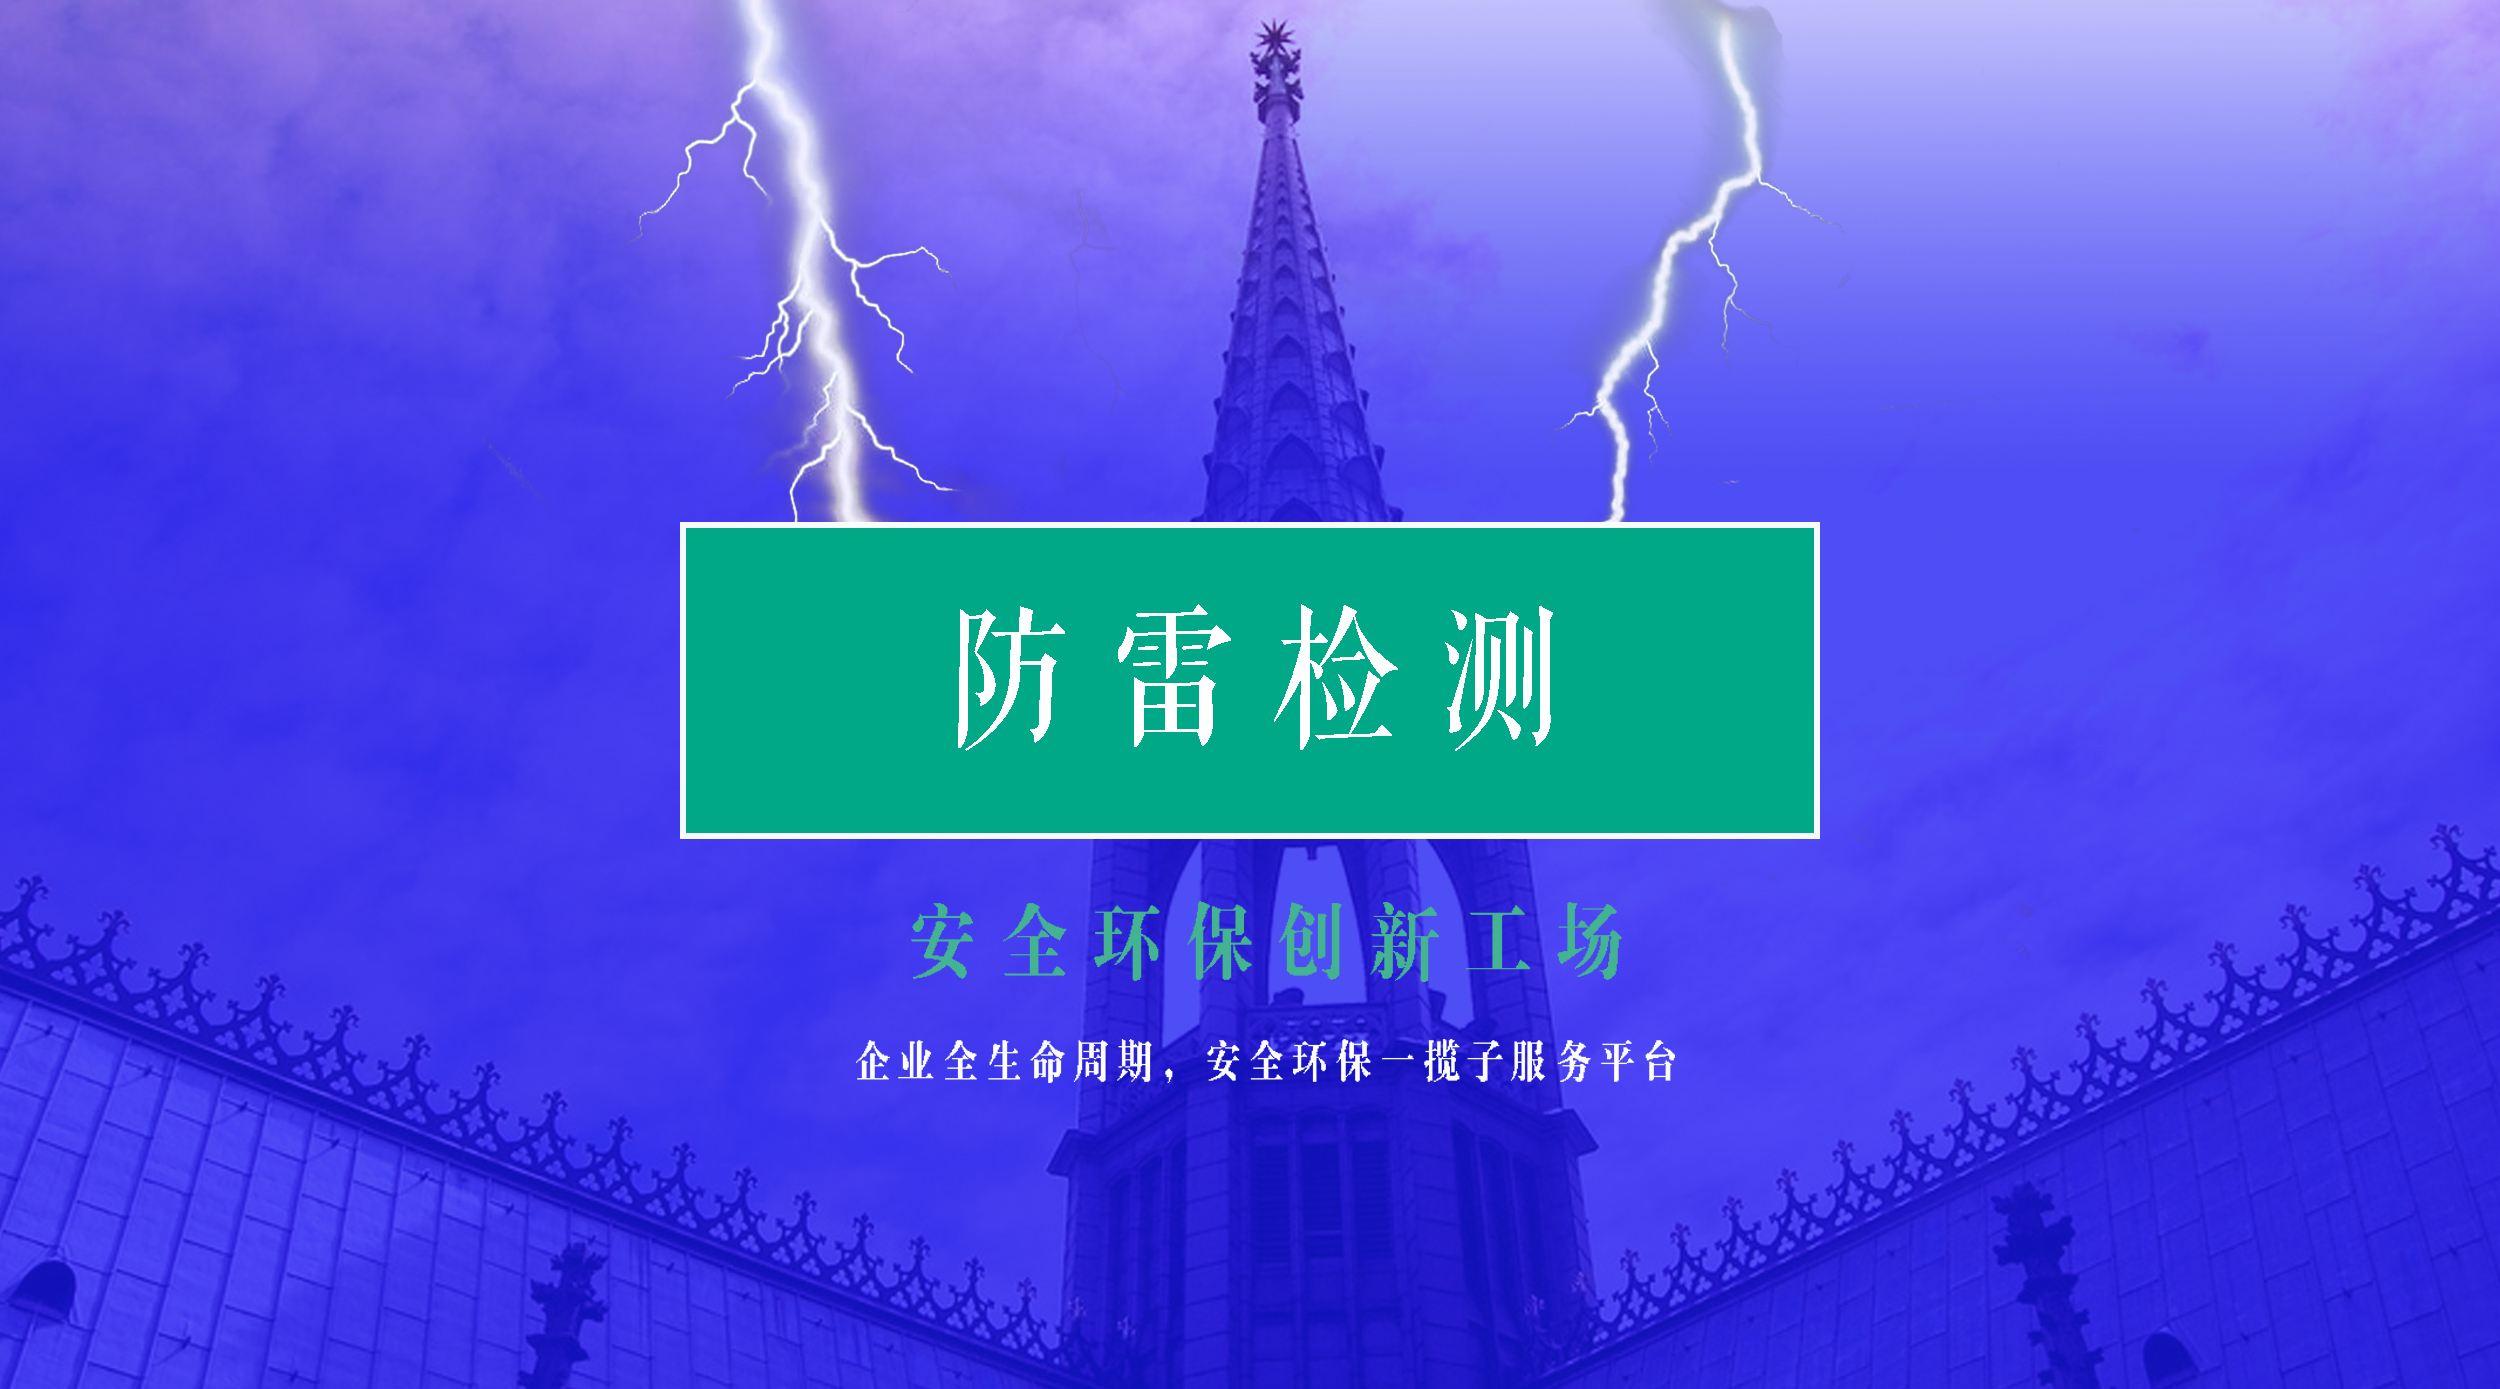 江西|赣州|防雷检测|防雷设计|防雷工程|防雷|江西雷安技术检测有限公司